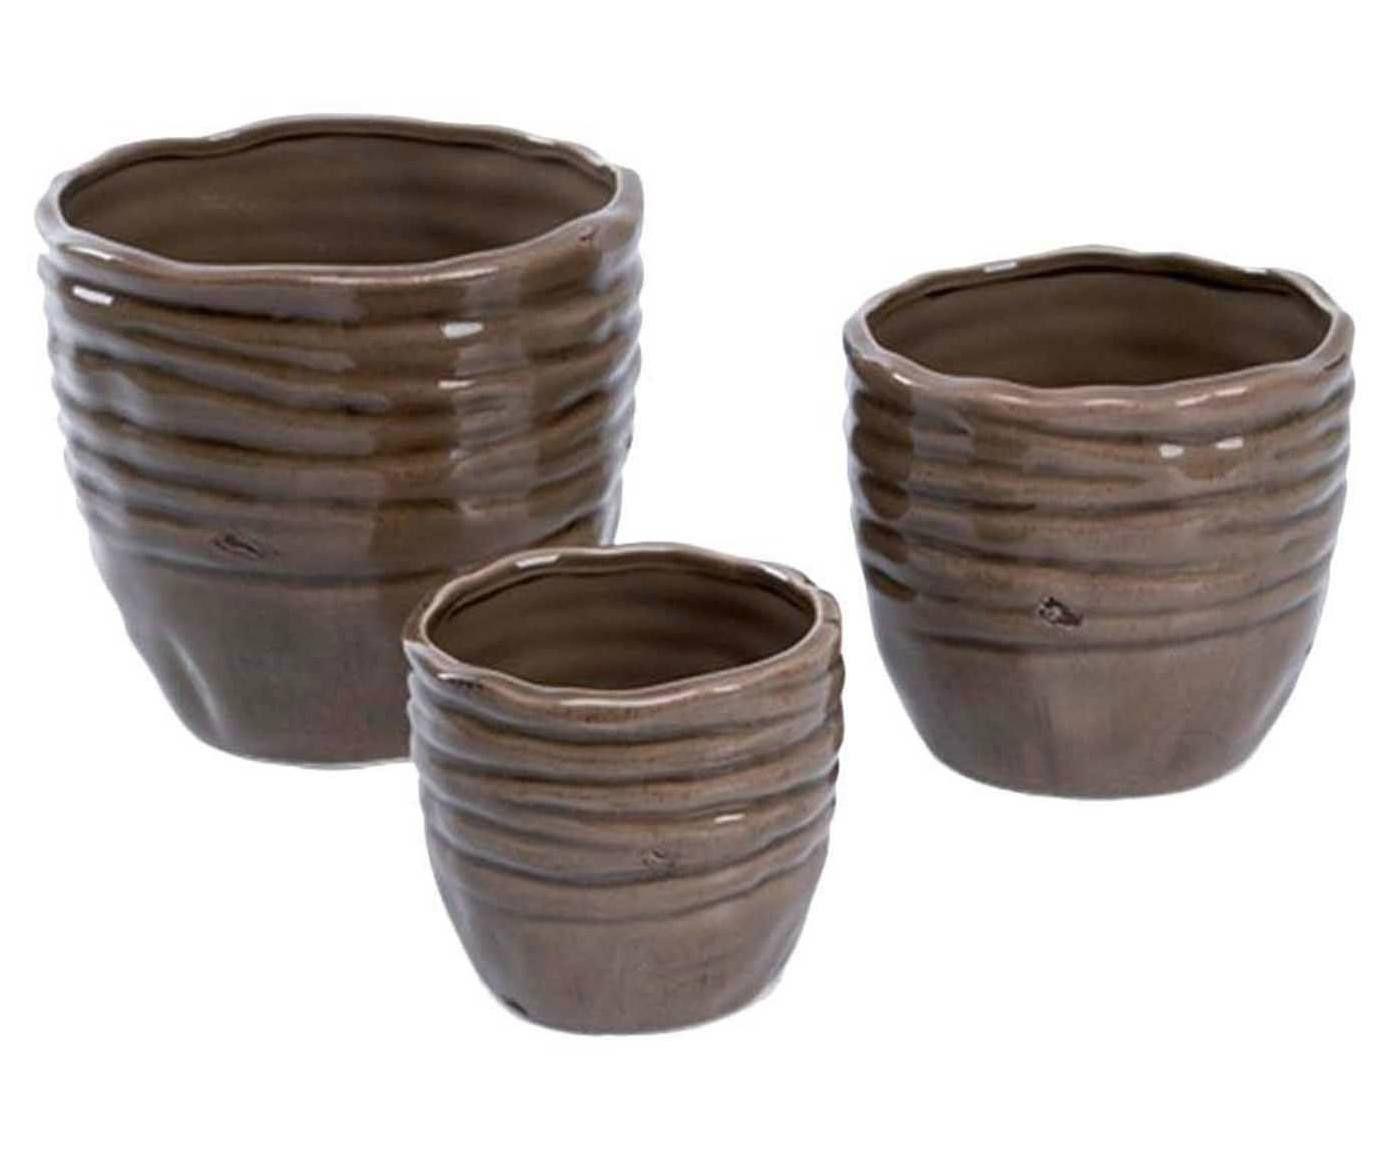 Conjunto de cachepots forms - land | Westwing.com.br